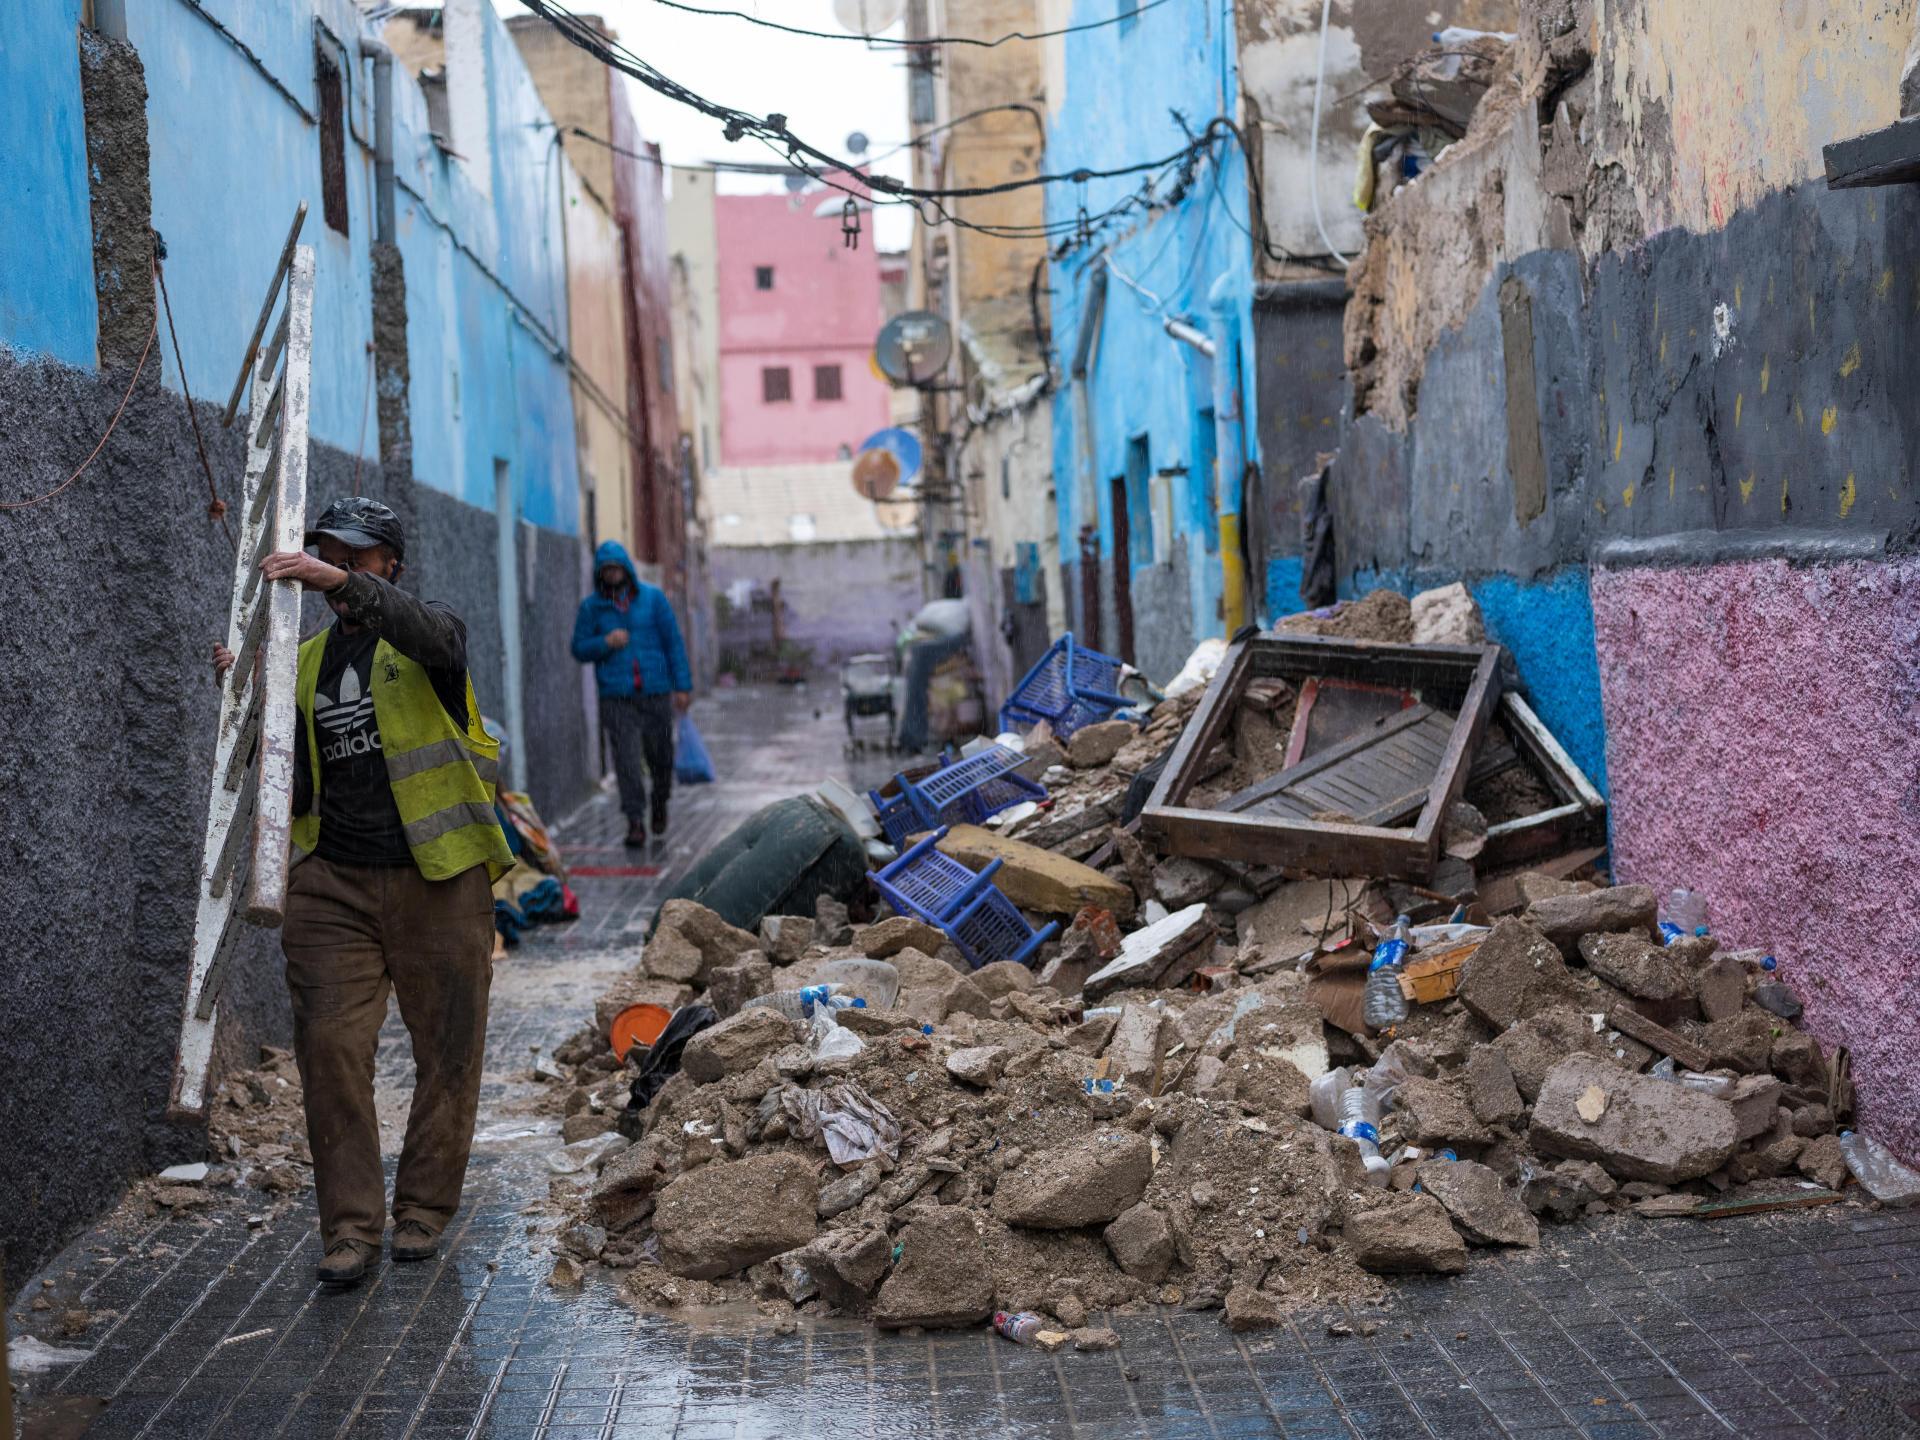 En plein quartier de la médina, une maison s'est effondrée après de fortes pluies.